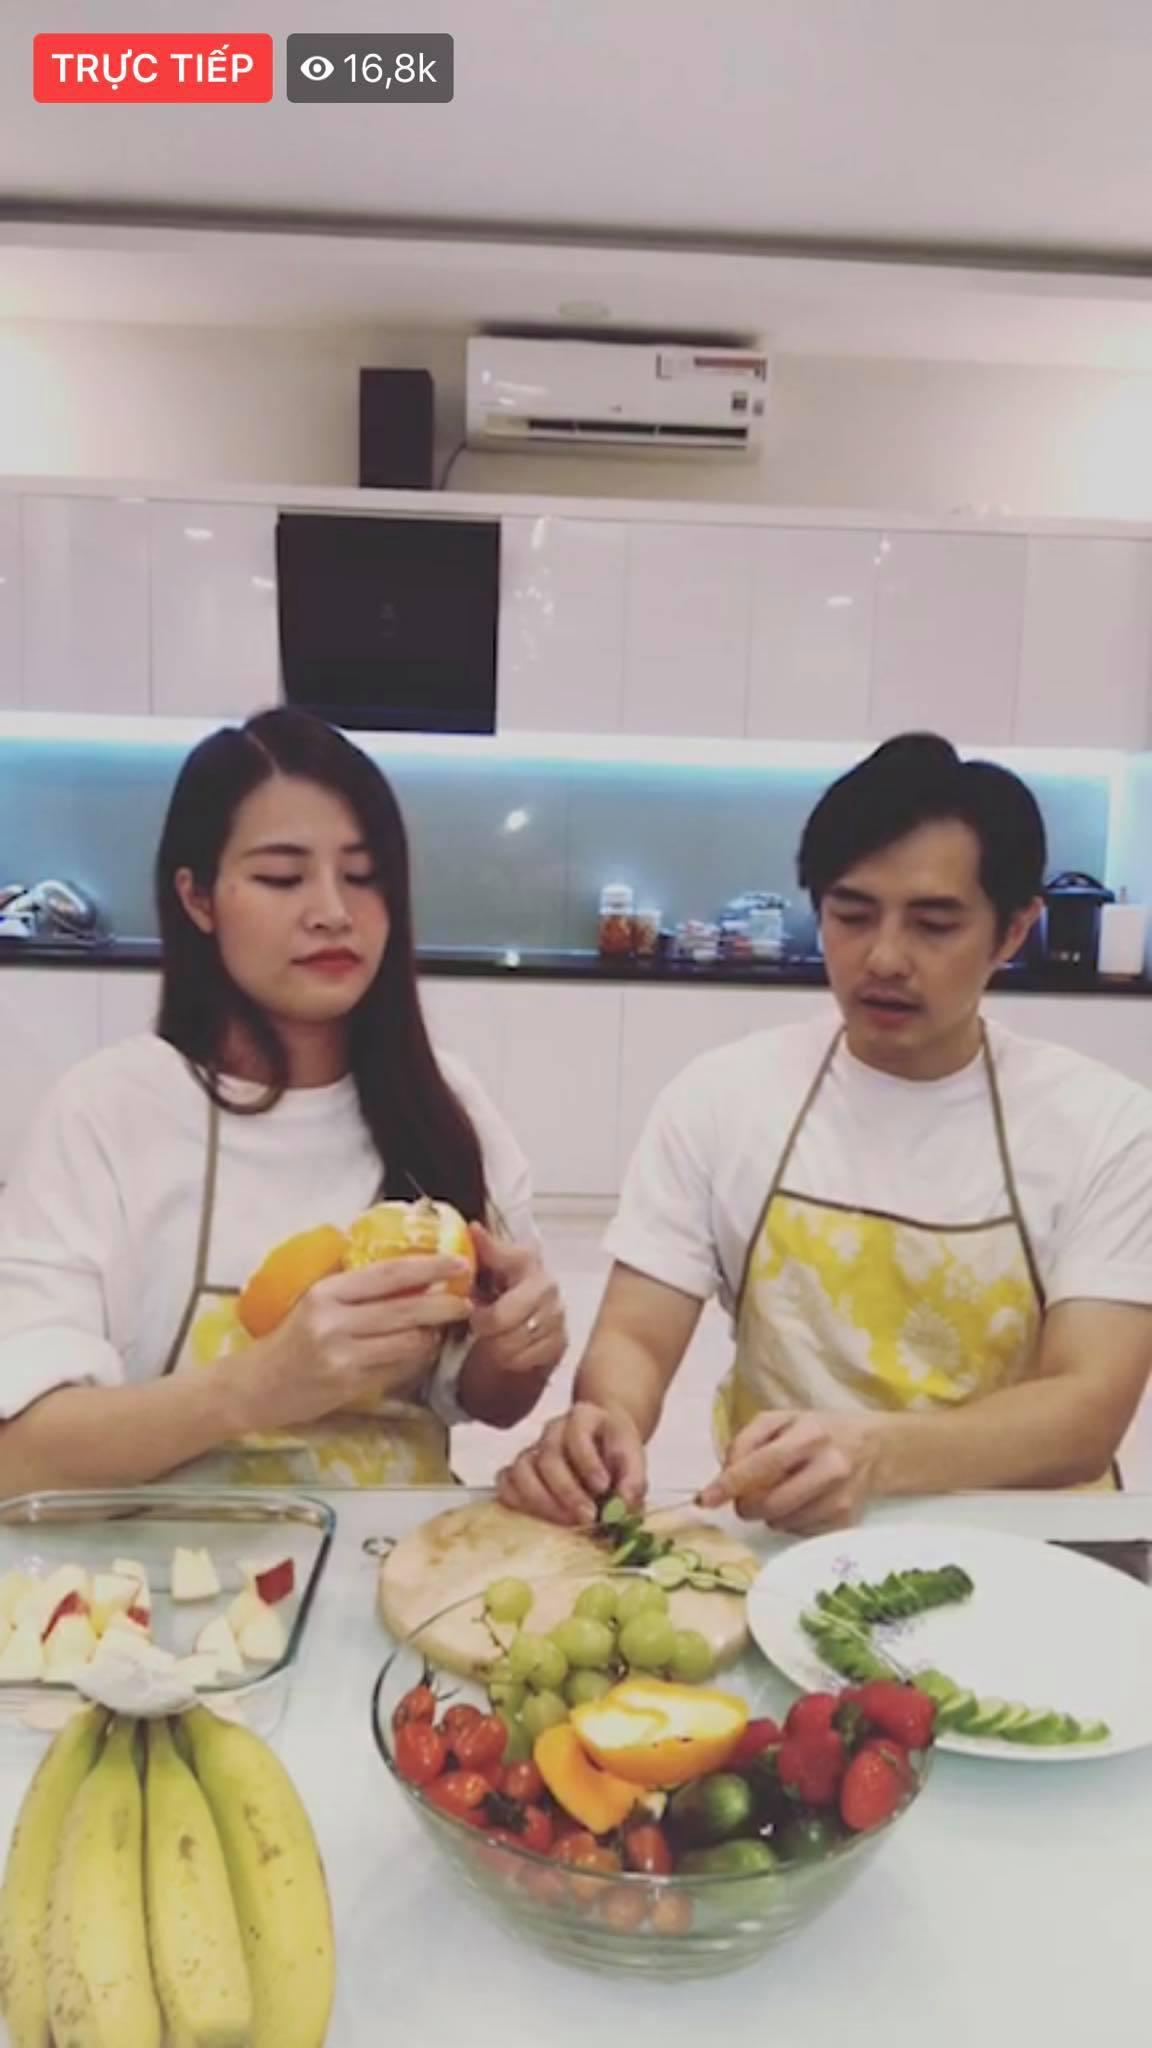 Đông Nhi livestream, lộ điểm khác lạ trên gương mặt ở những tháng cuối thai kỳ 1